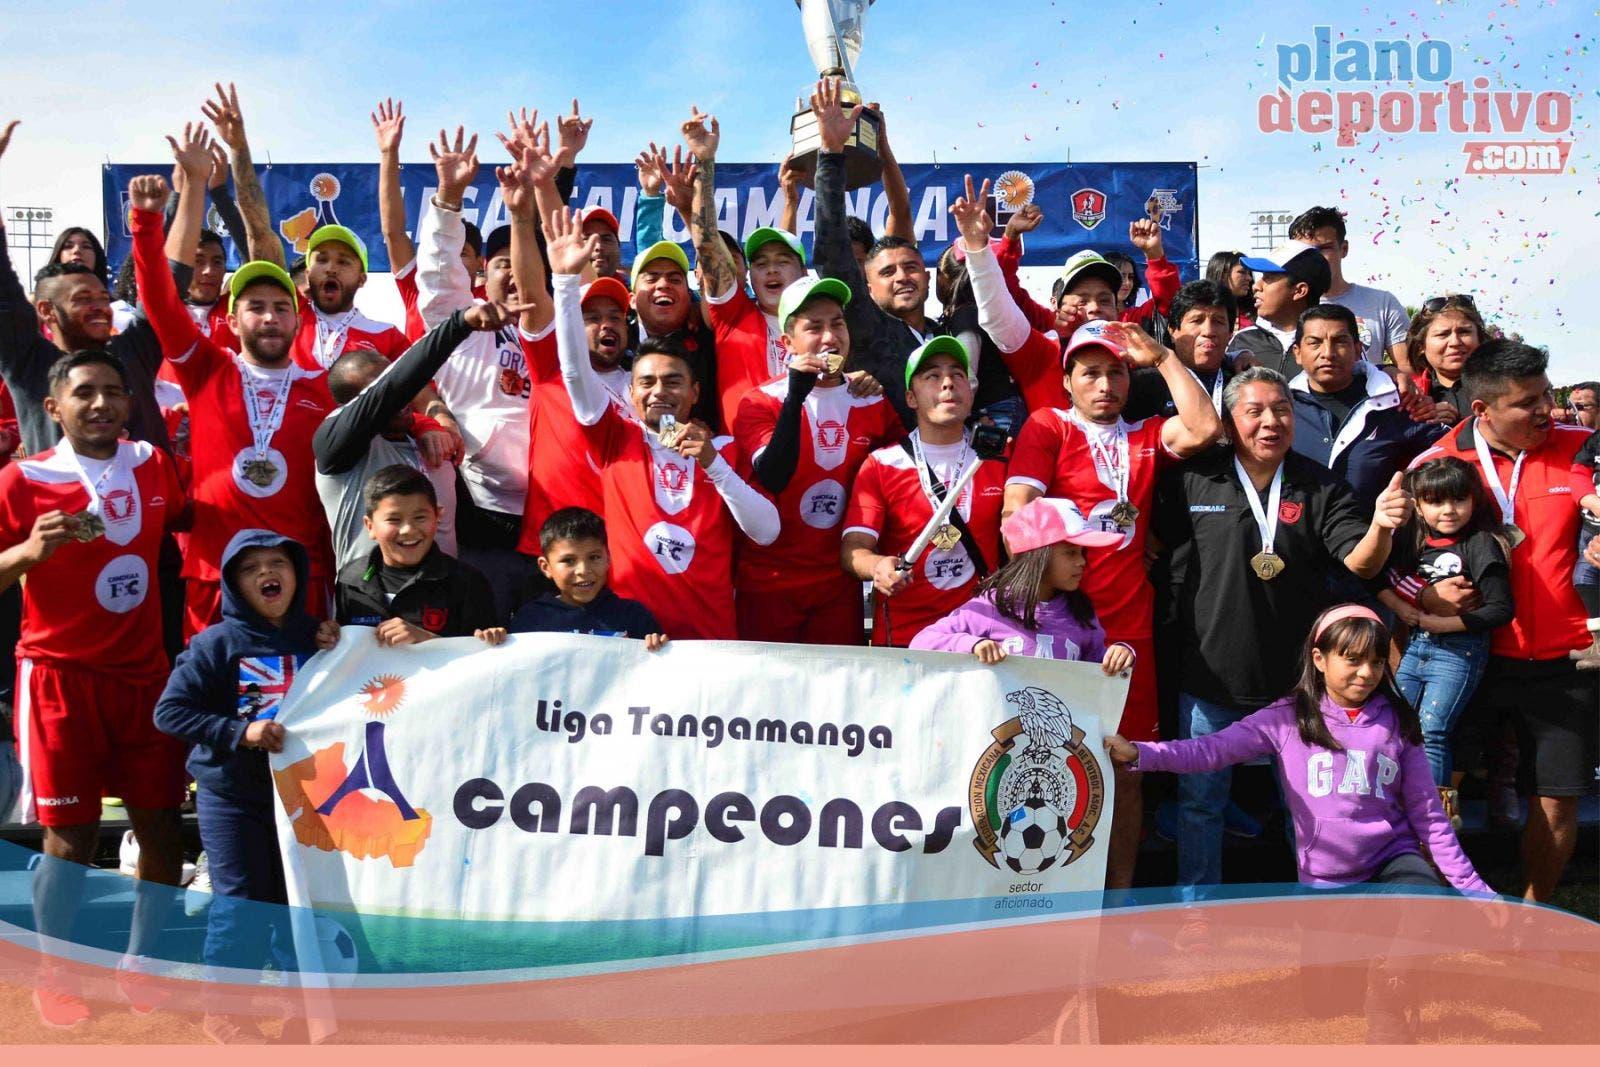 Se corona Canchola campeón de Liga Tangamanga